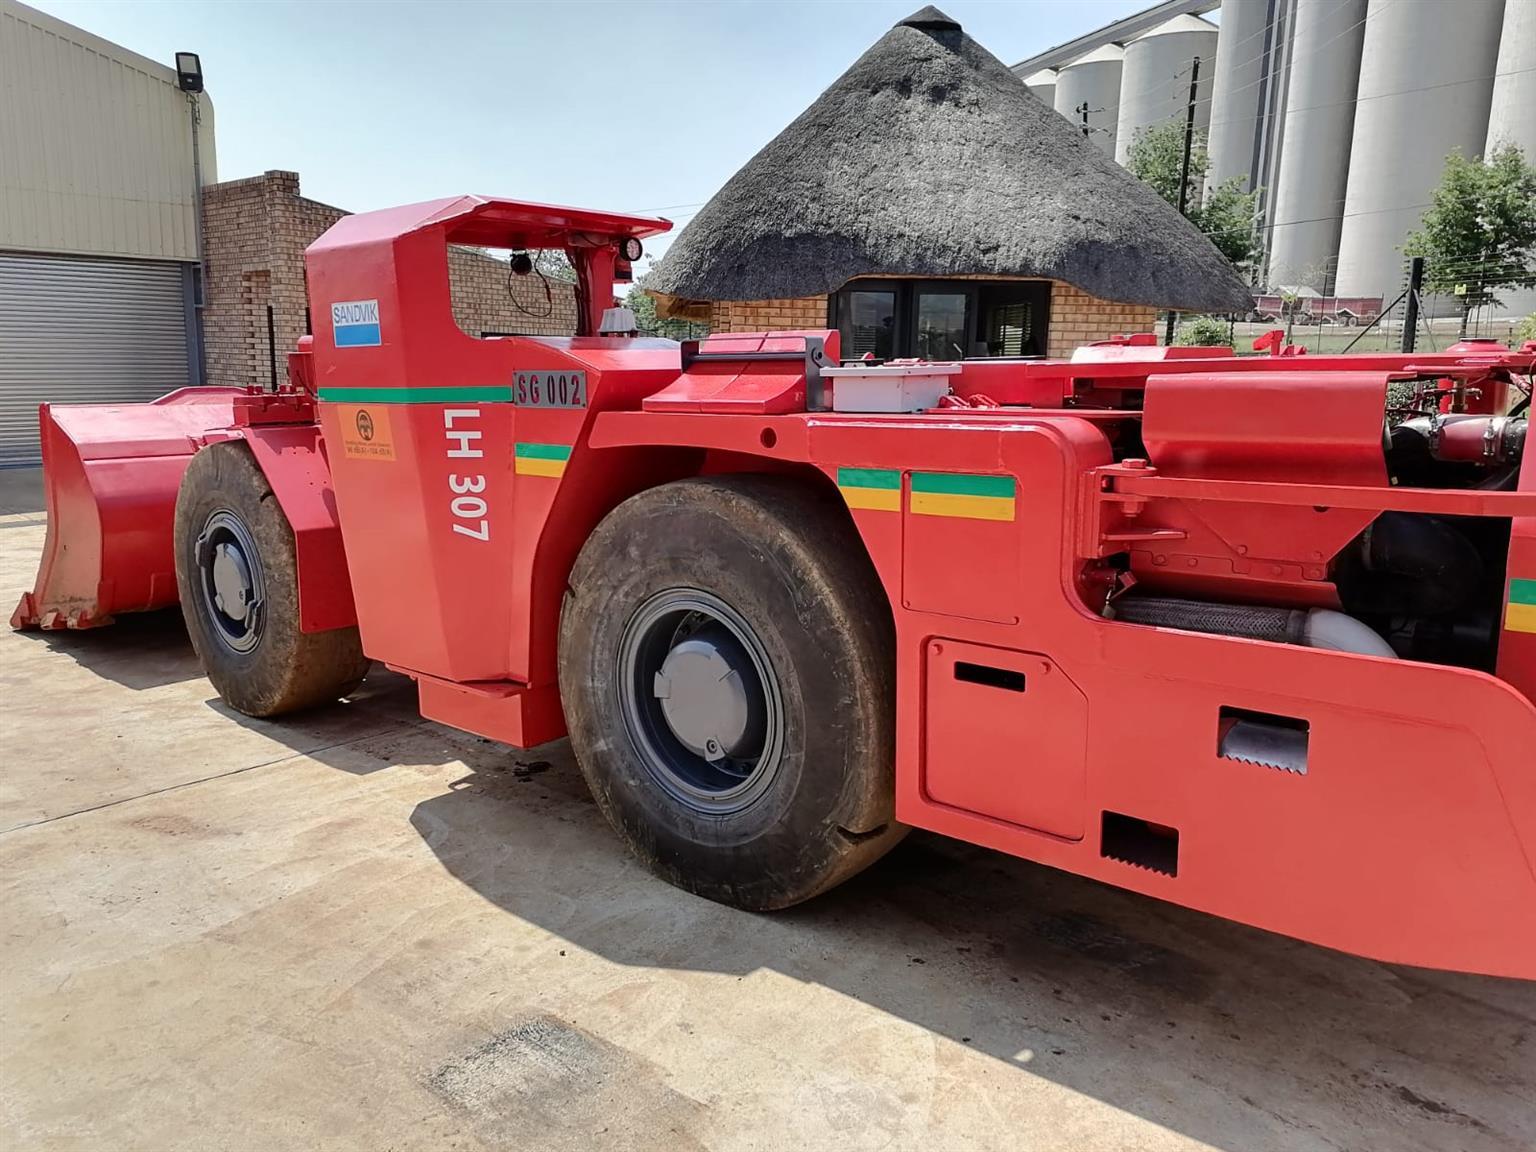 Sandvik LH307 LHD ready to work